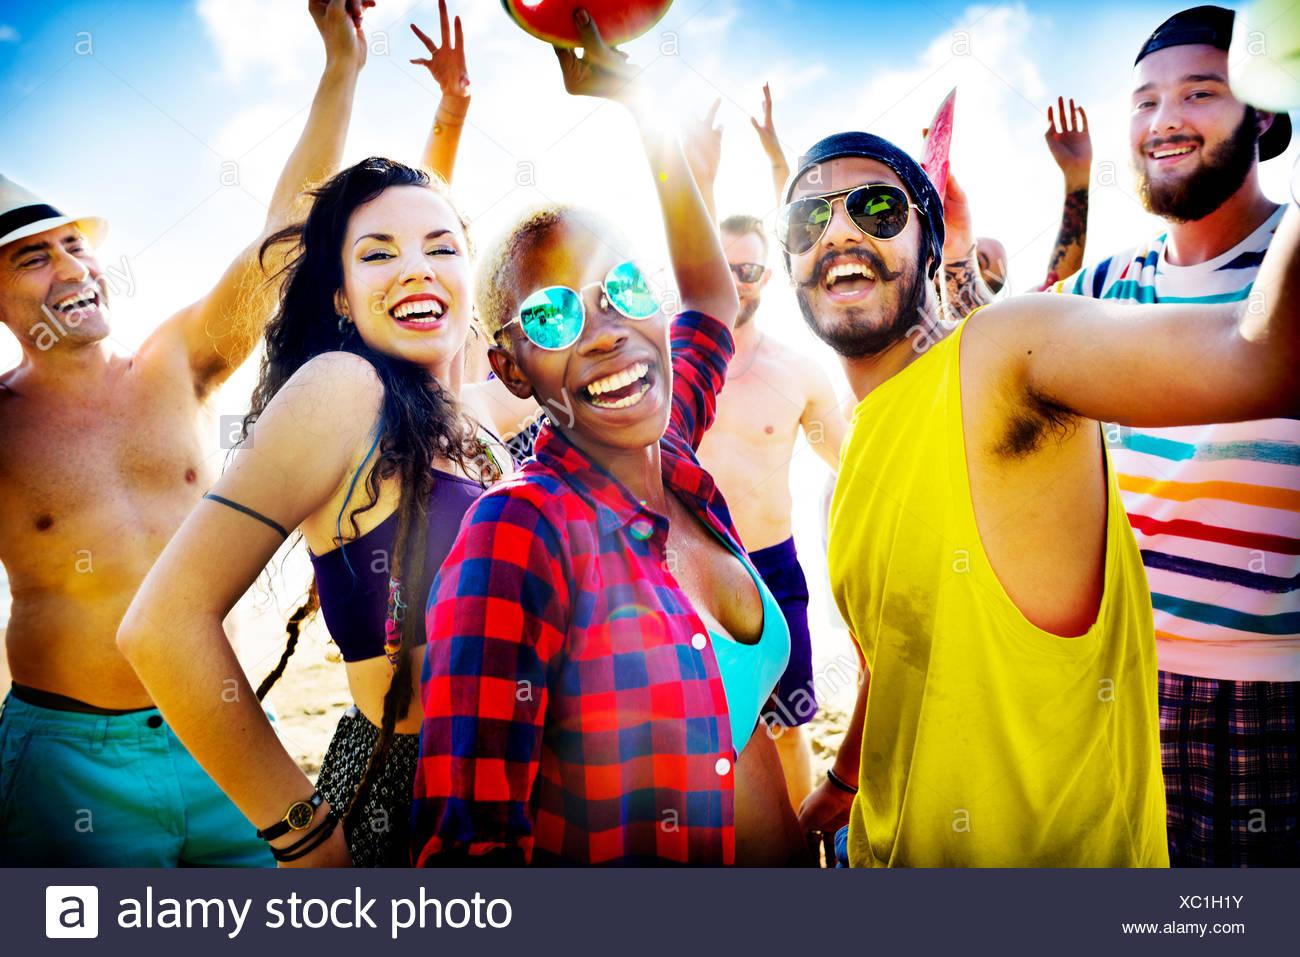 Amigos de Beach Party Concepto Festival de Verano Imagen De Stock